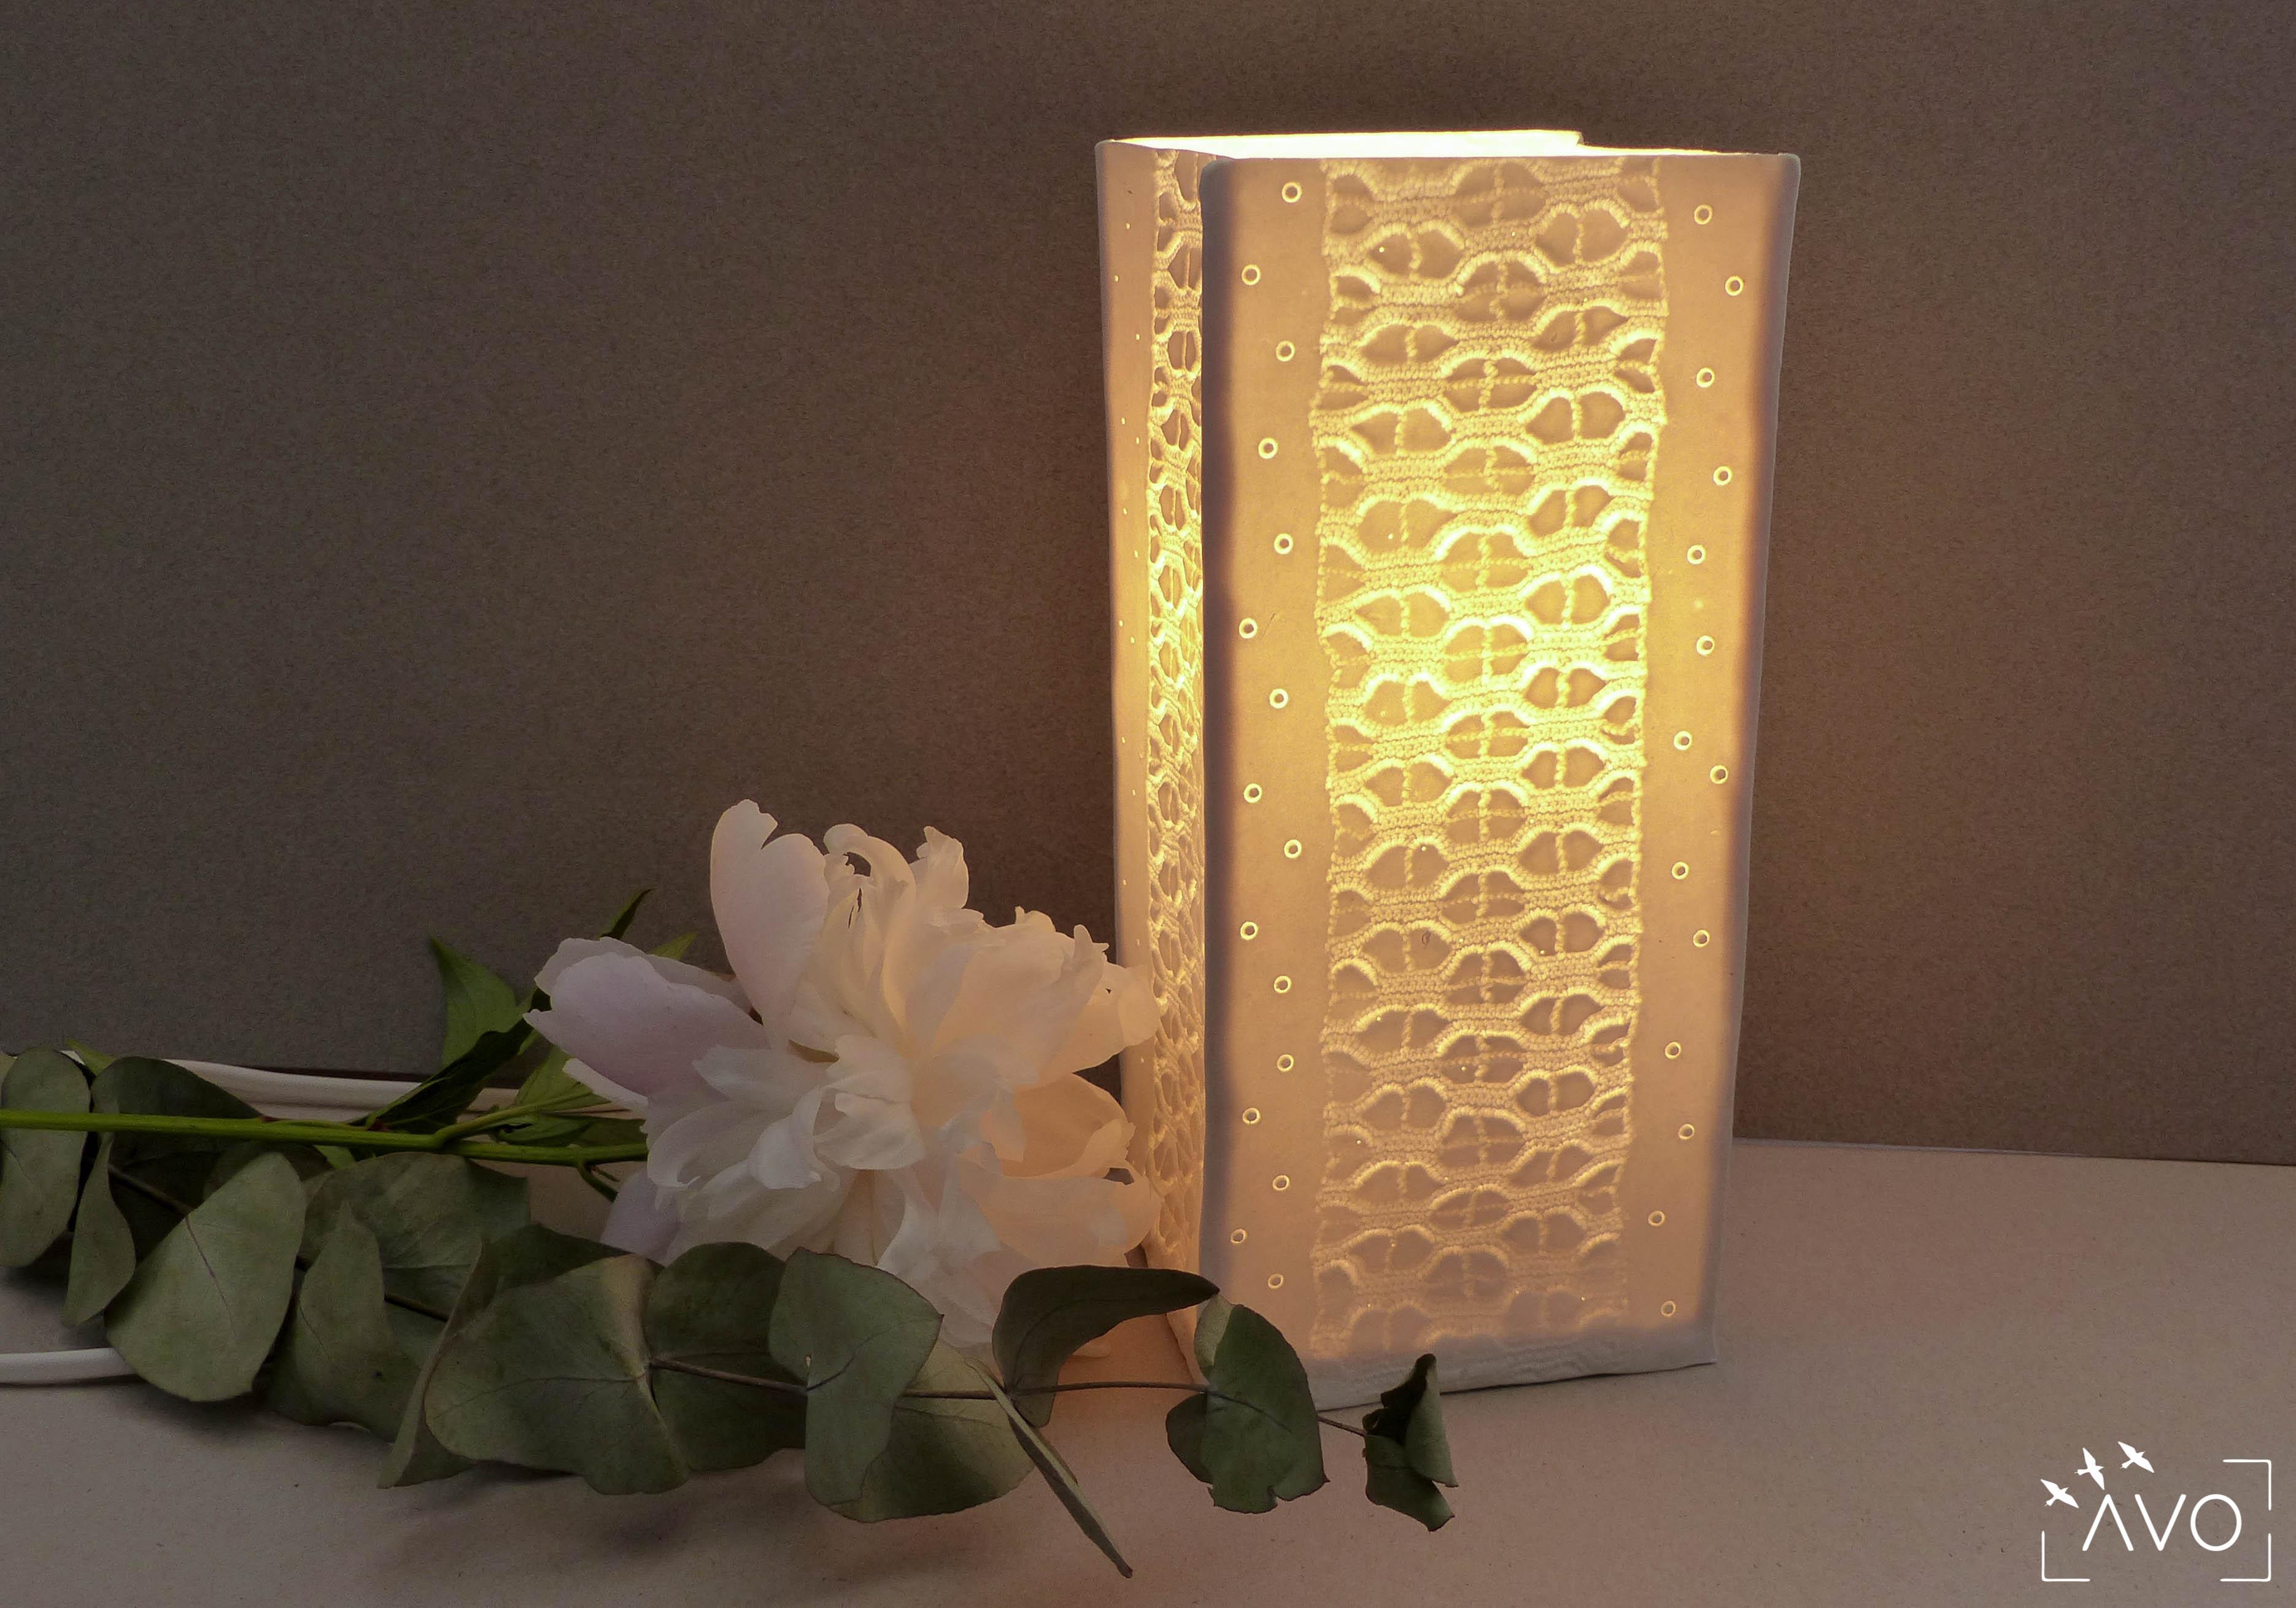 les carrés céramique porcelaine st pierre d'allevard luminaire